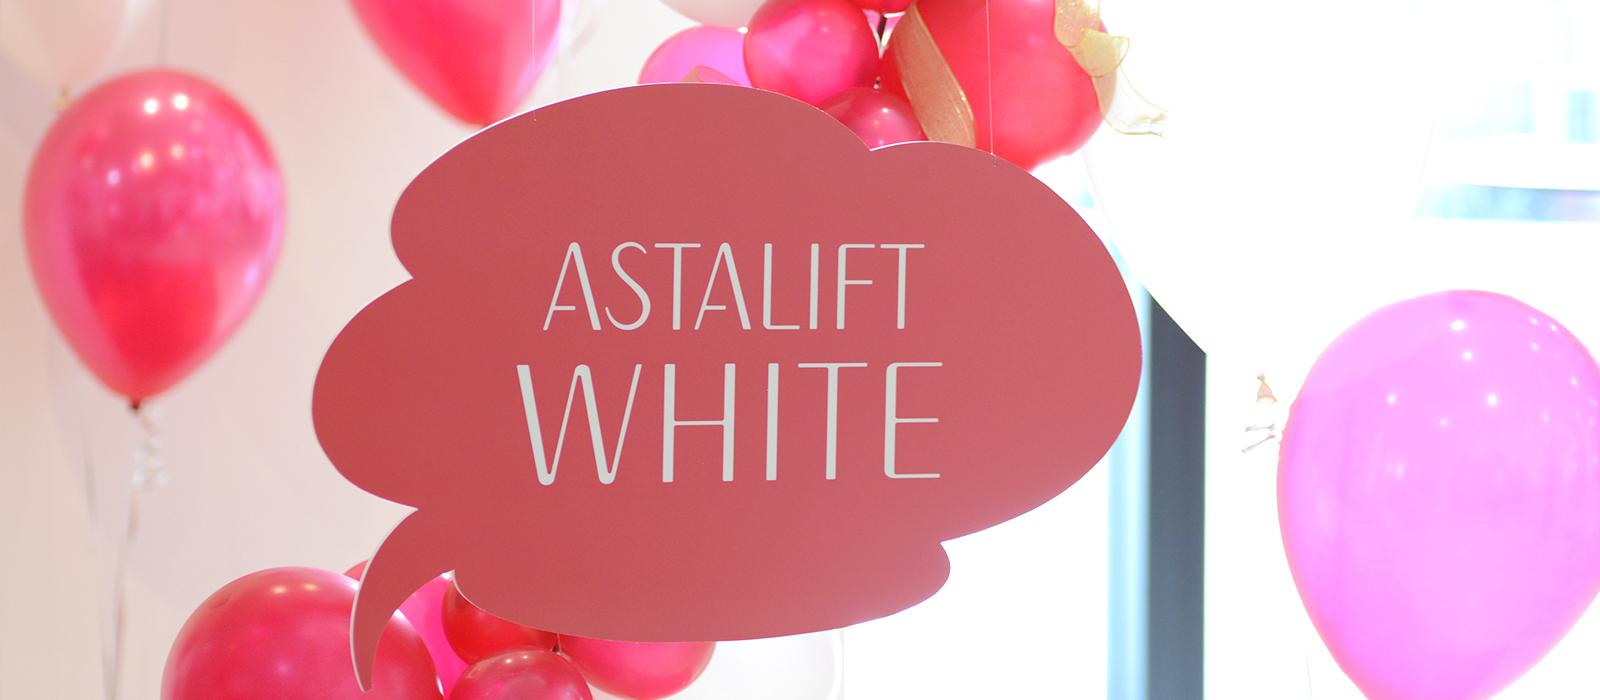 RED VALENTINE by Astalift white